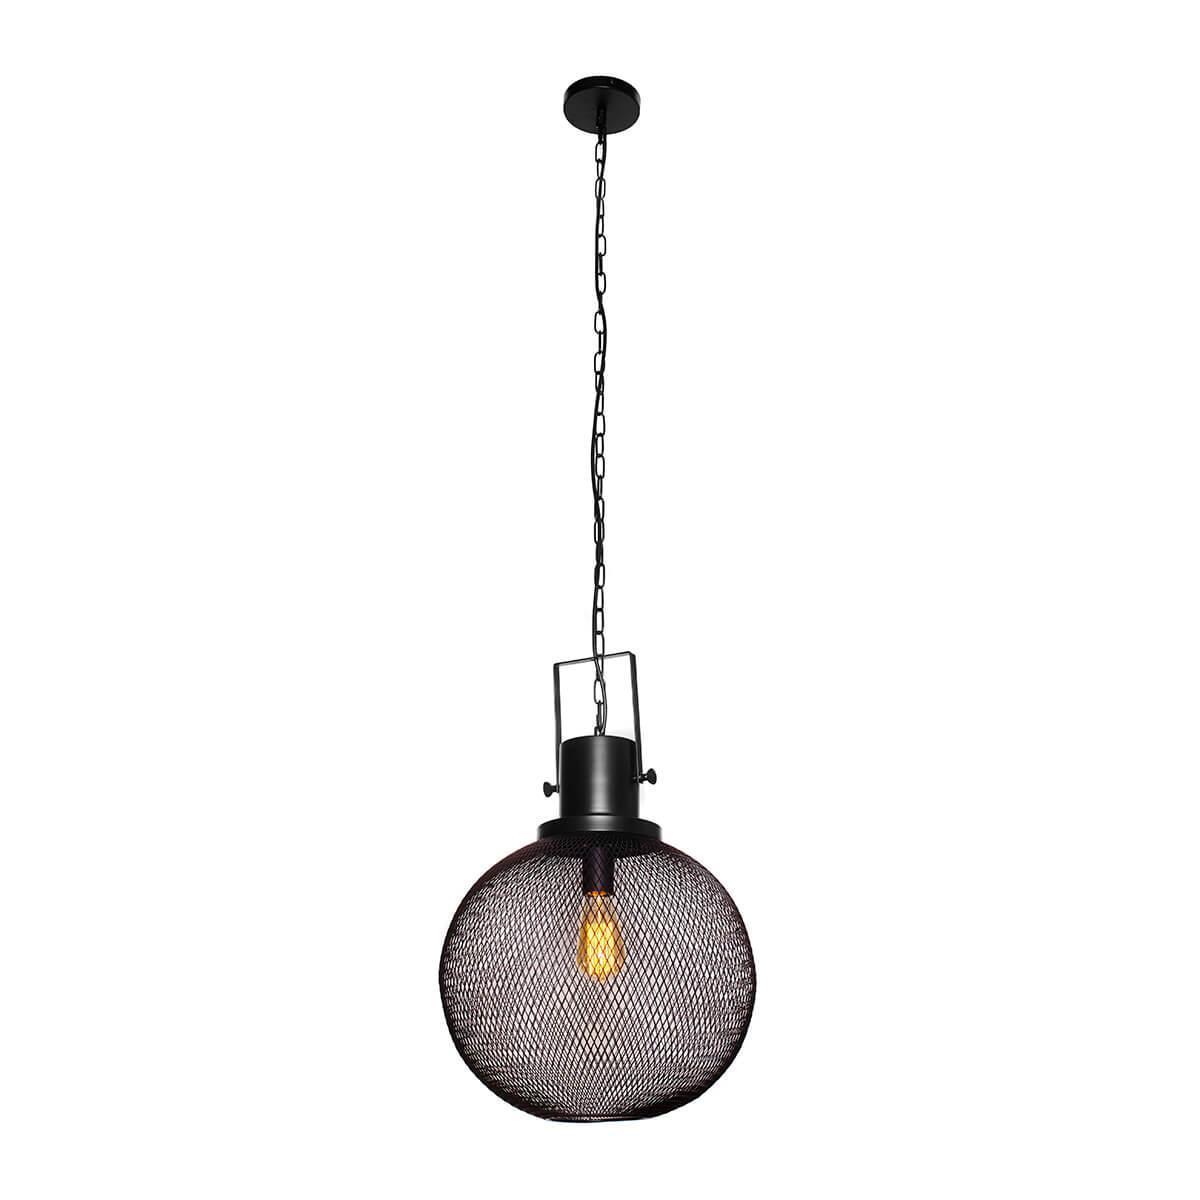 Подвесной светильник Lucia Tucci Industrial 1829.1 lucia tucci подвесной светильник lucia tucci industrial 1825 1